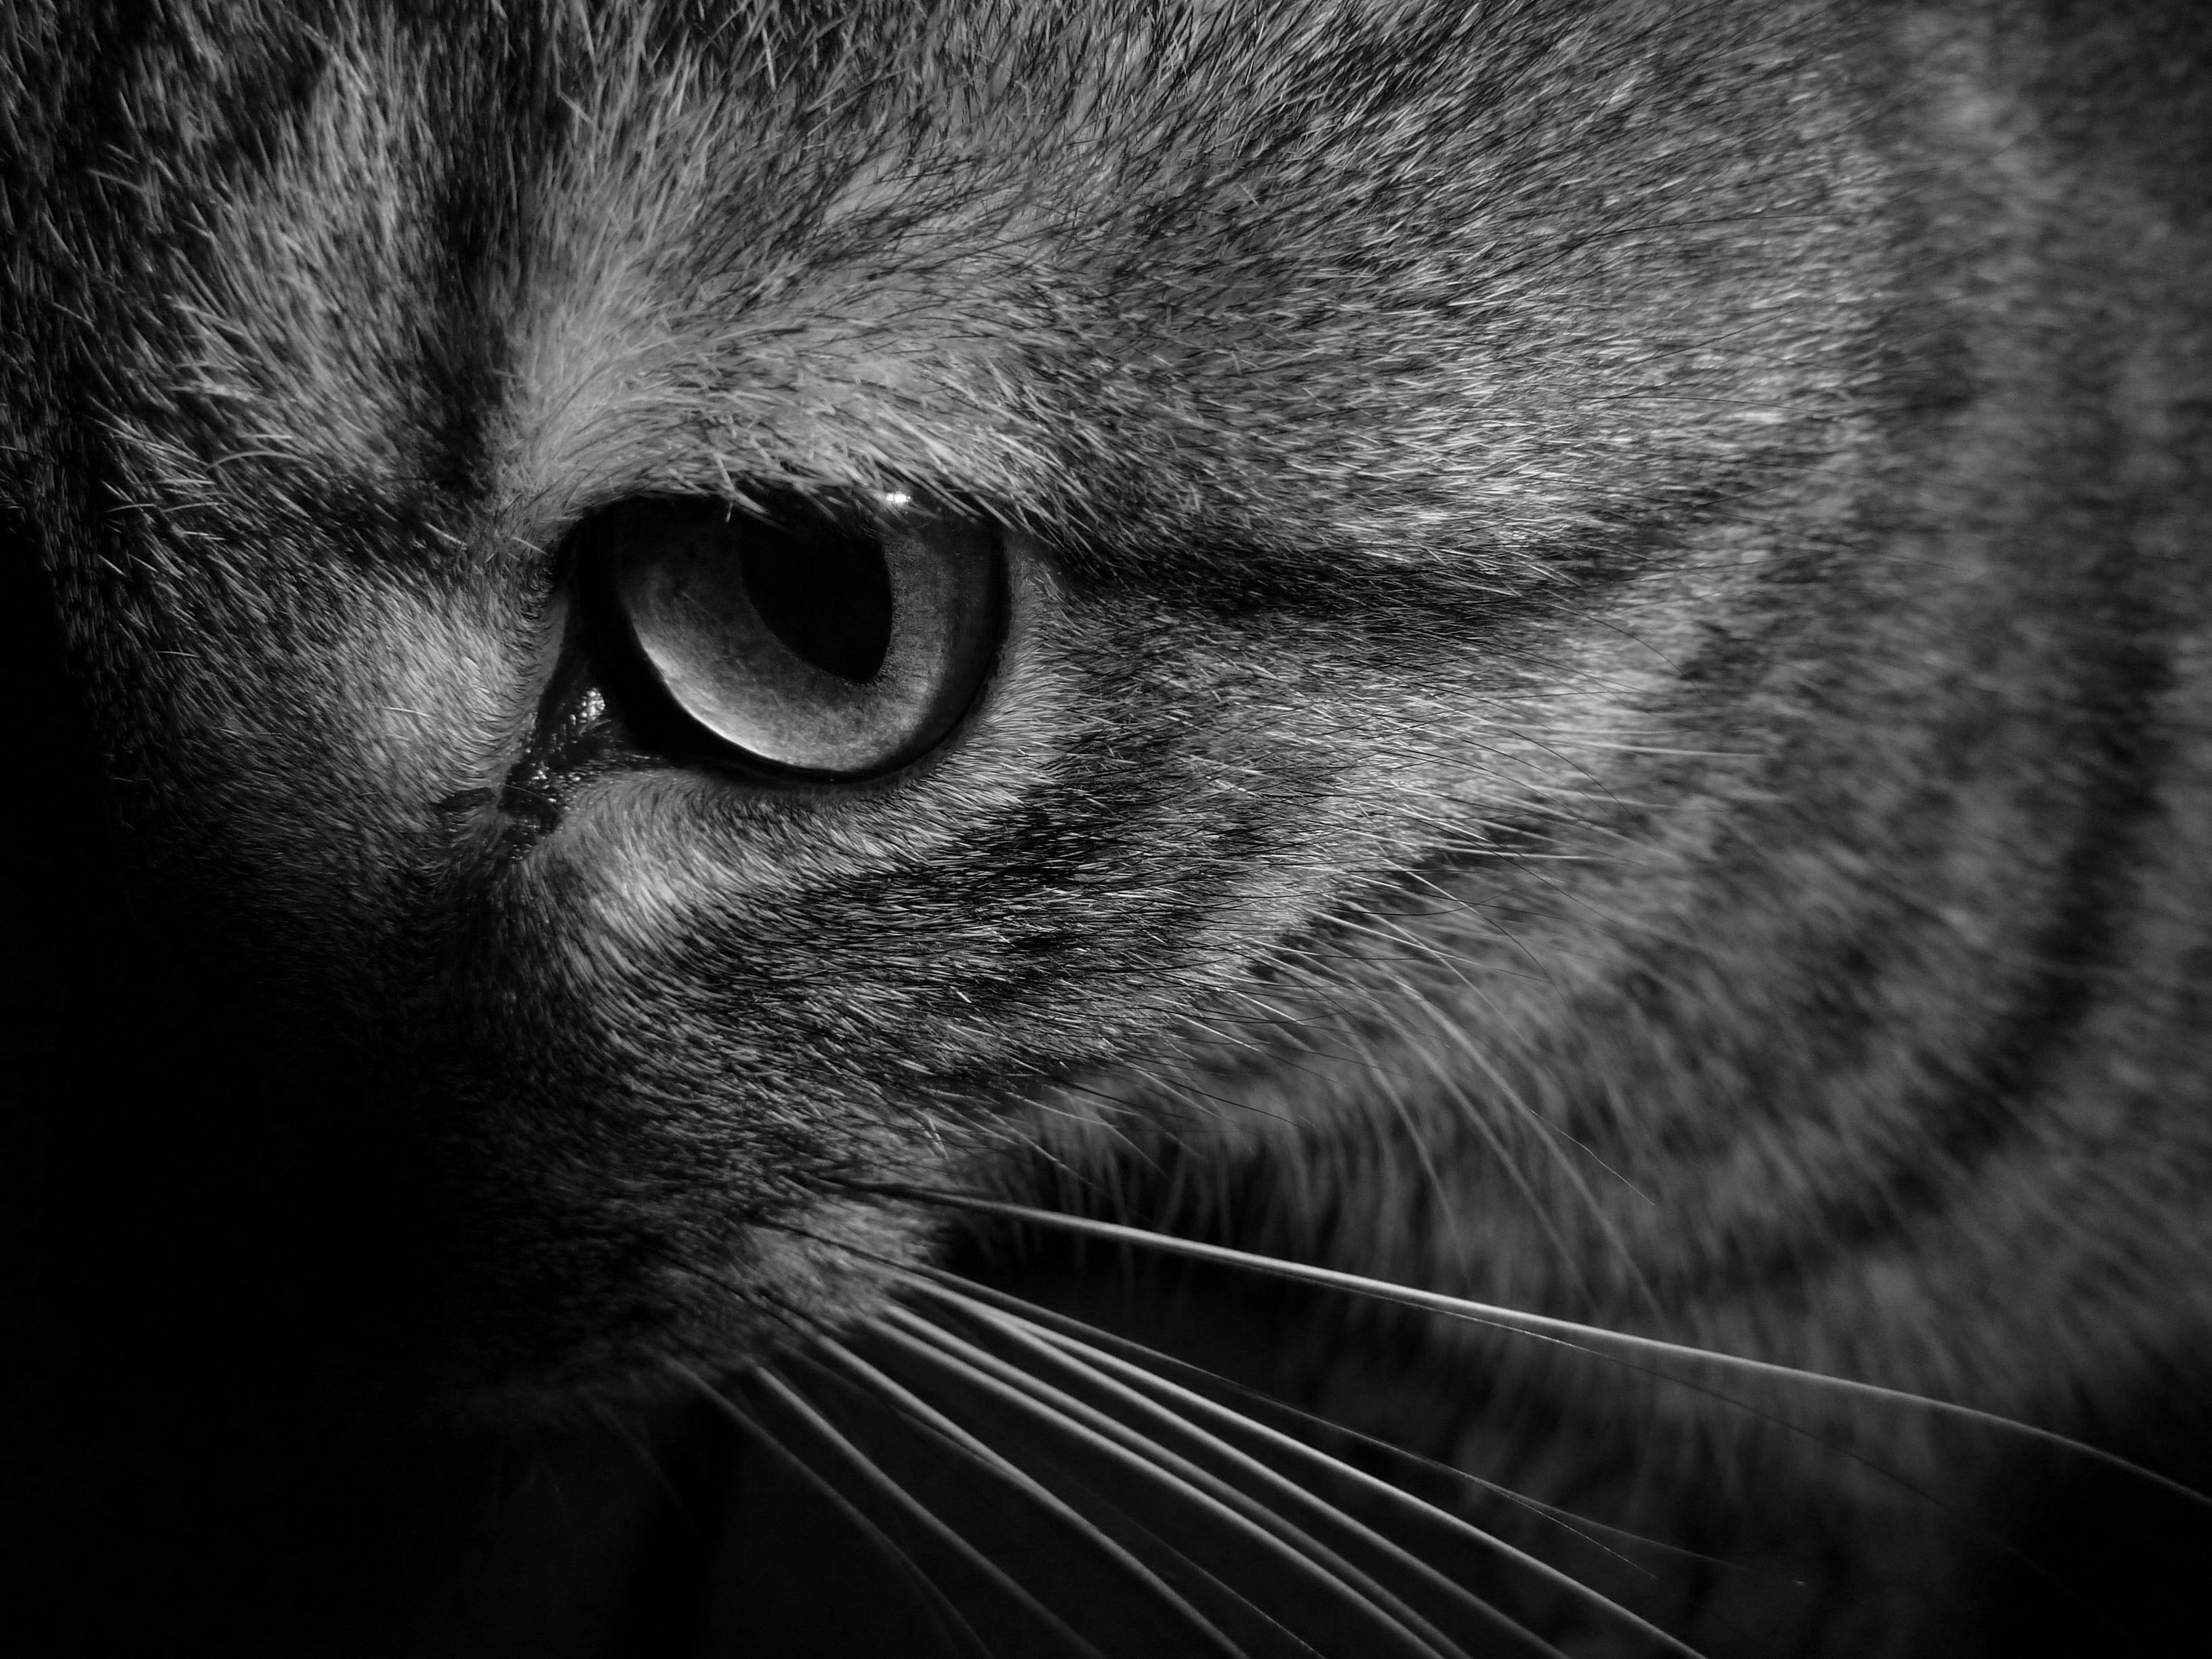 noir chatte téléchargements dormir anal creampie